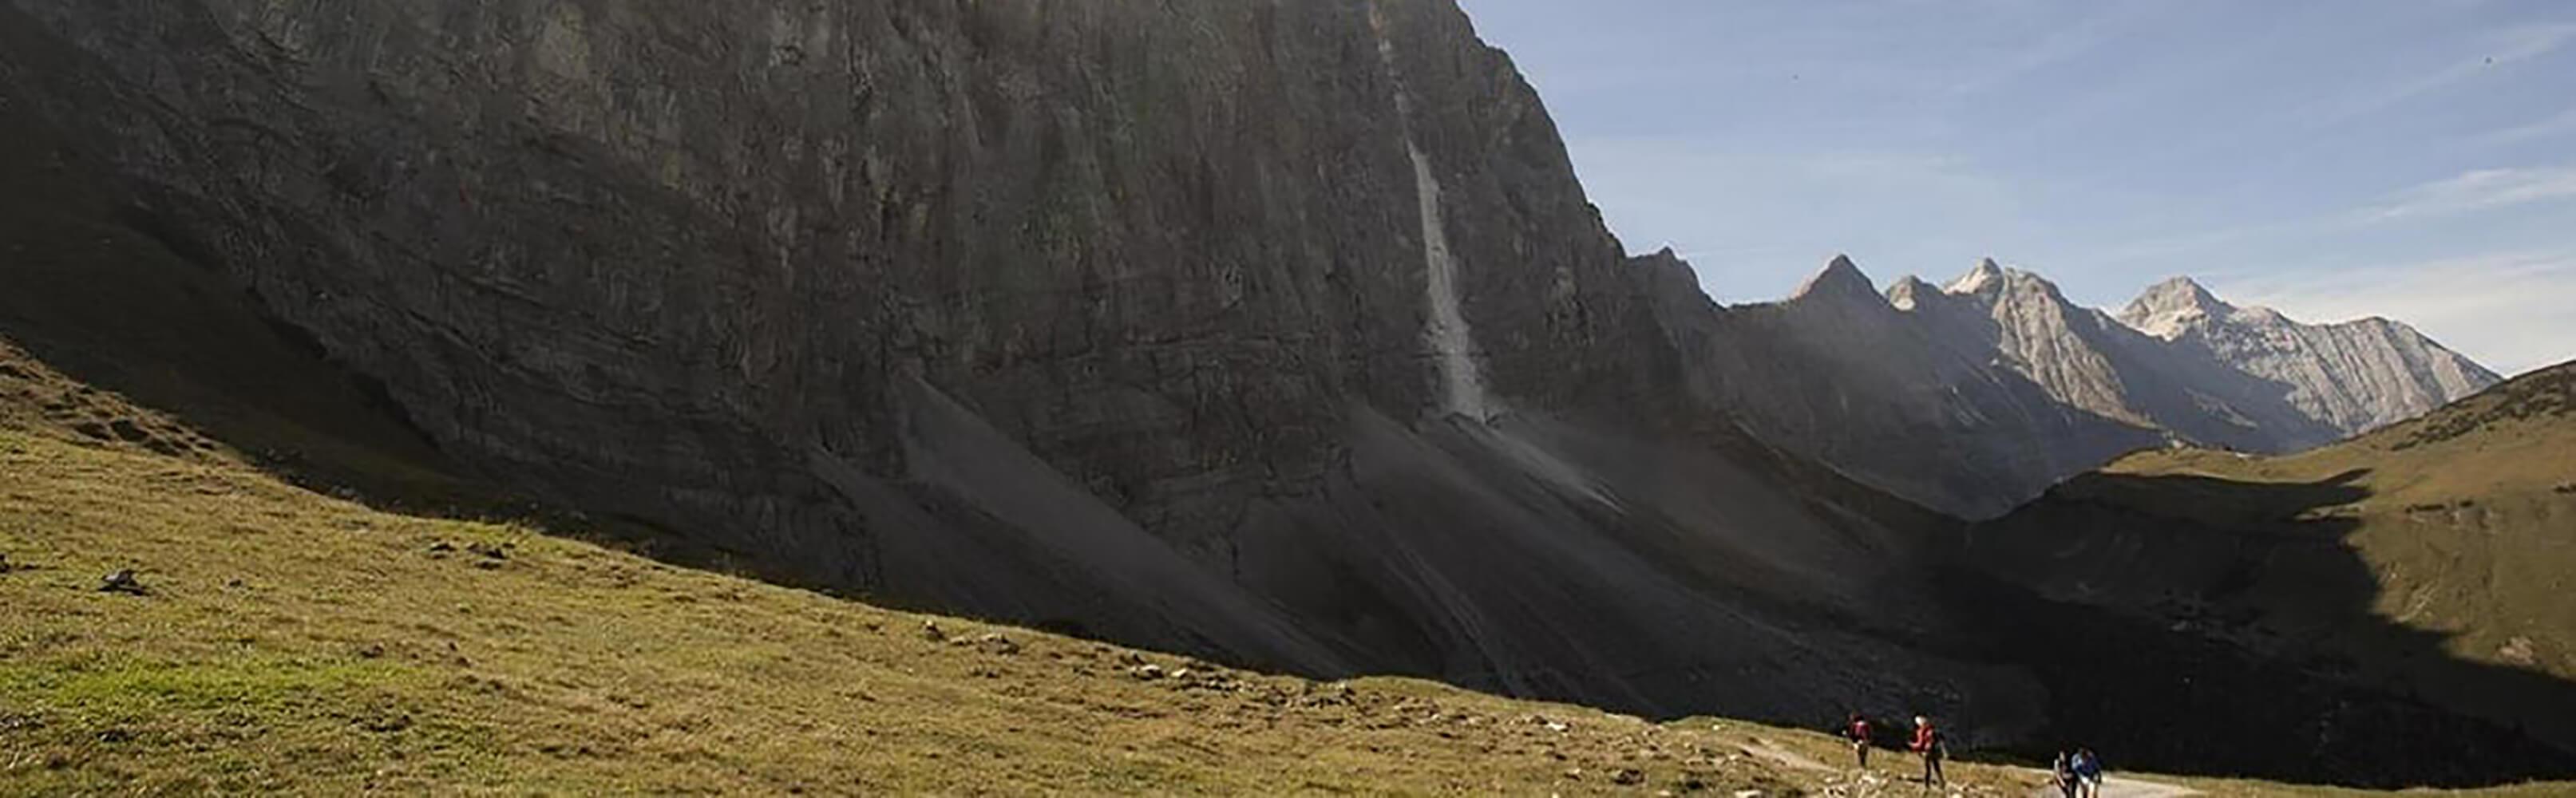 Tirol - Tiroler Naturjuwel 1